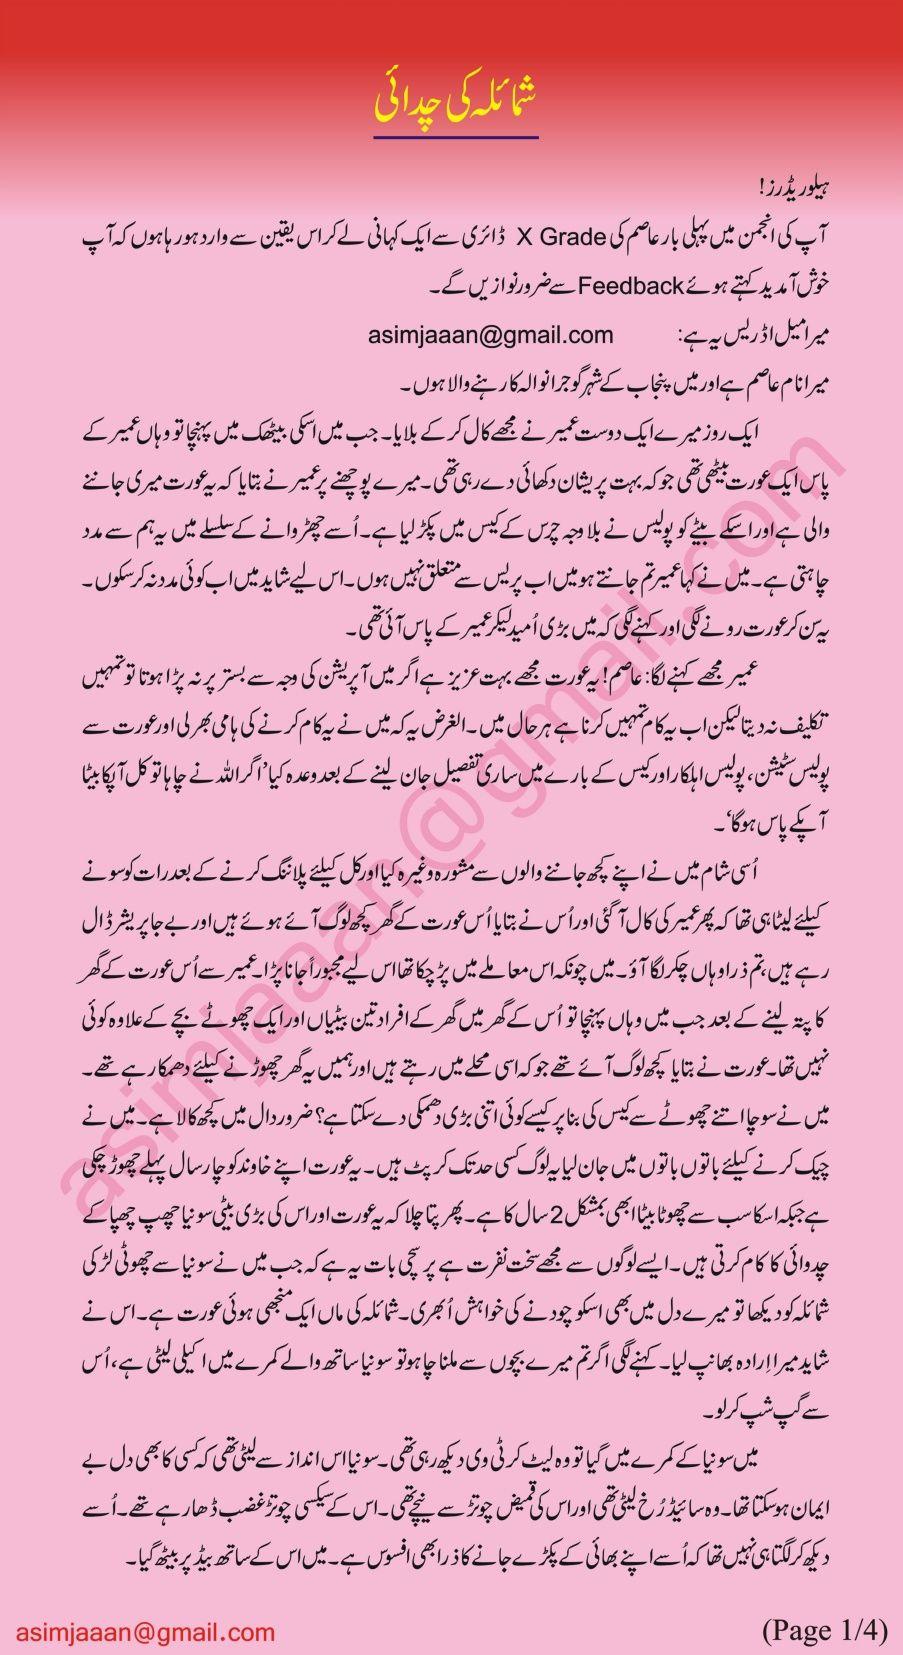 Xxx busy urdu stort sex